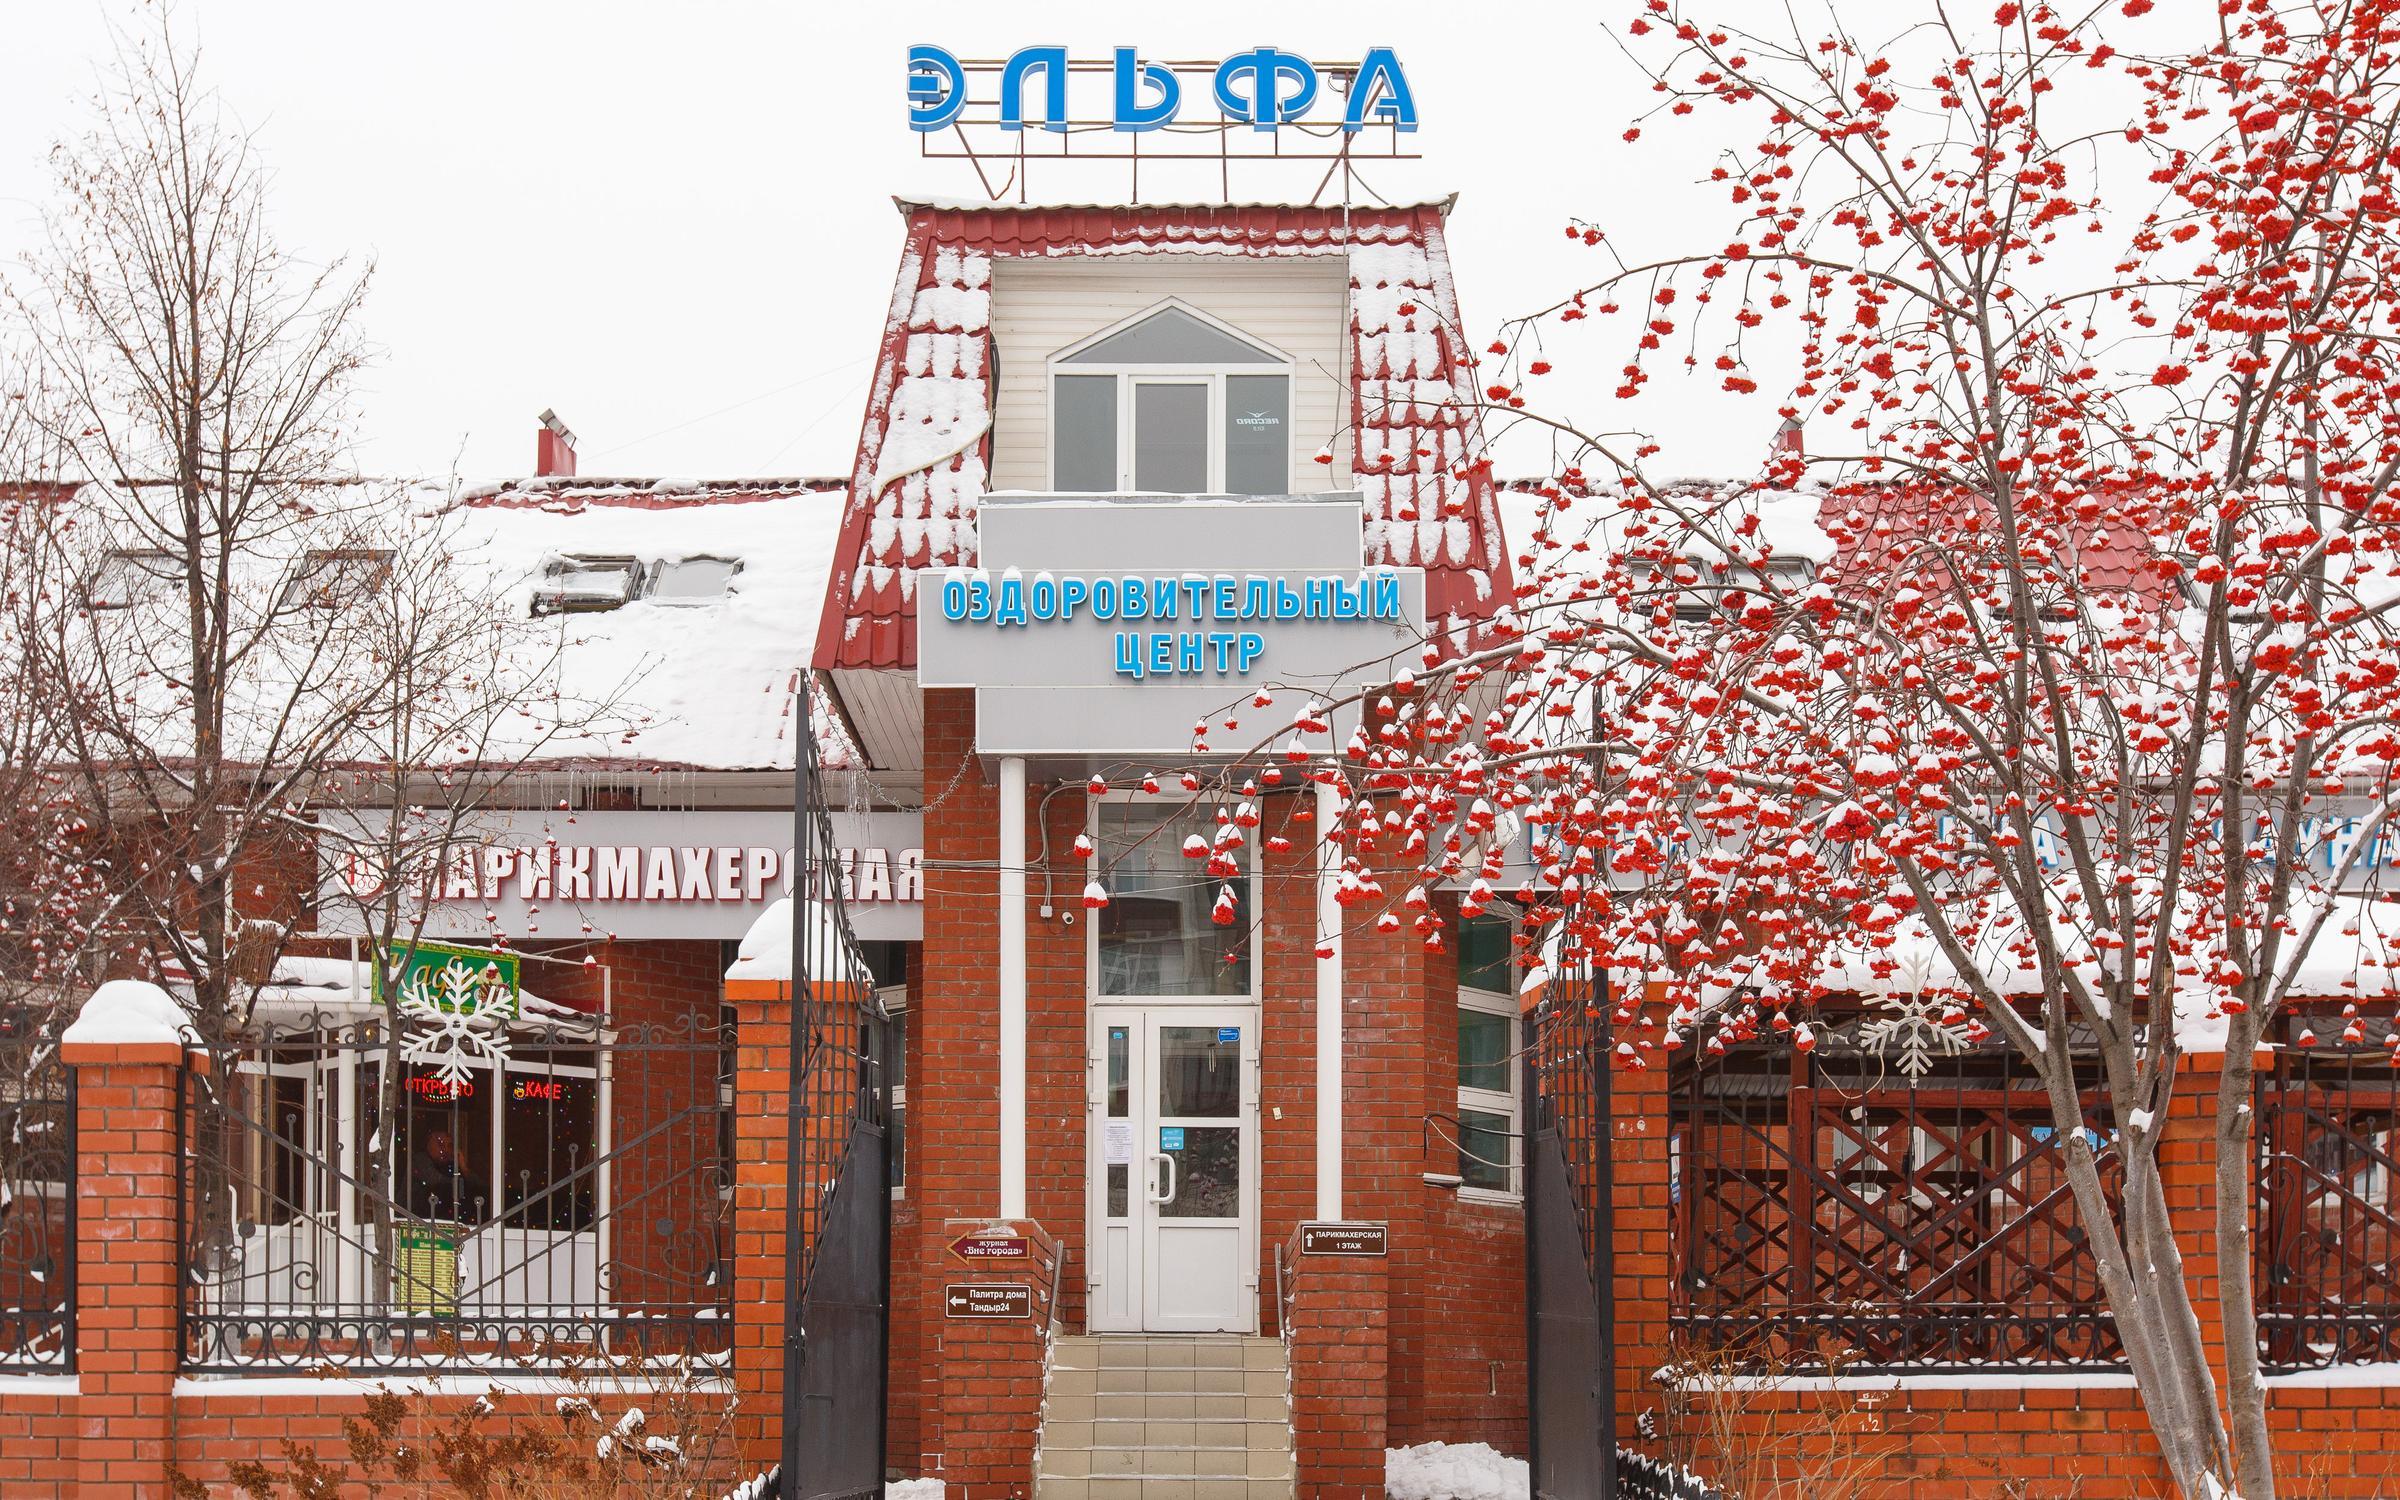 фотография Оздоровительного центра Эльфа на улице Закиева